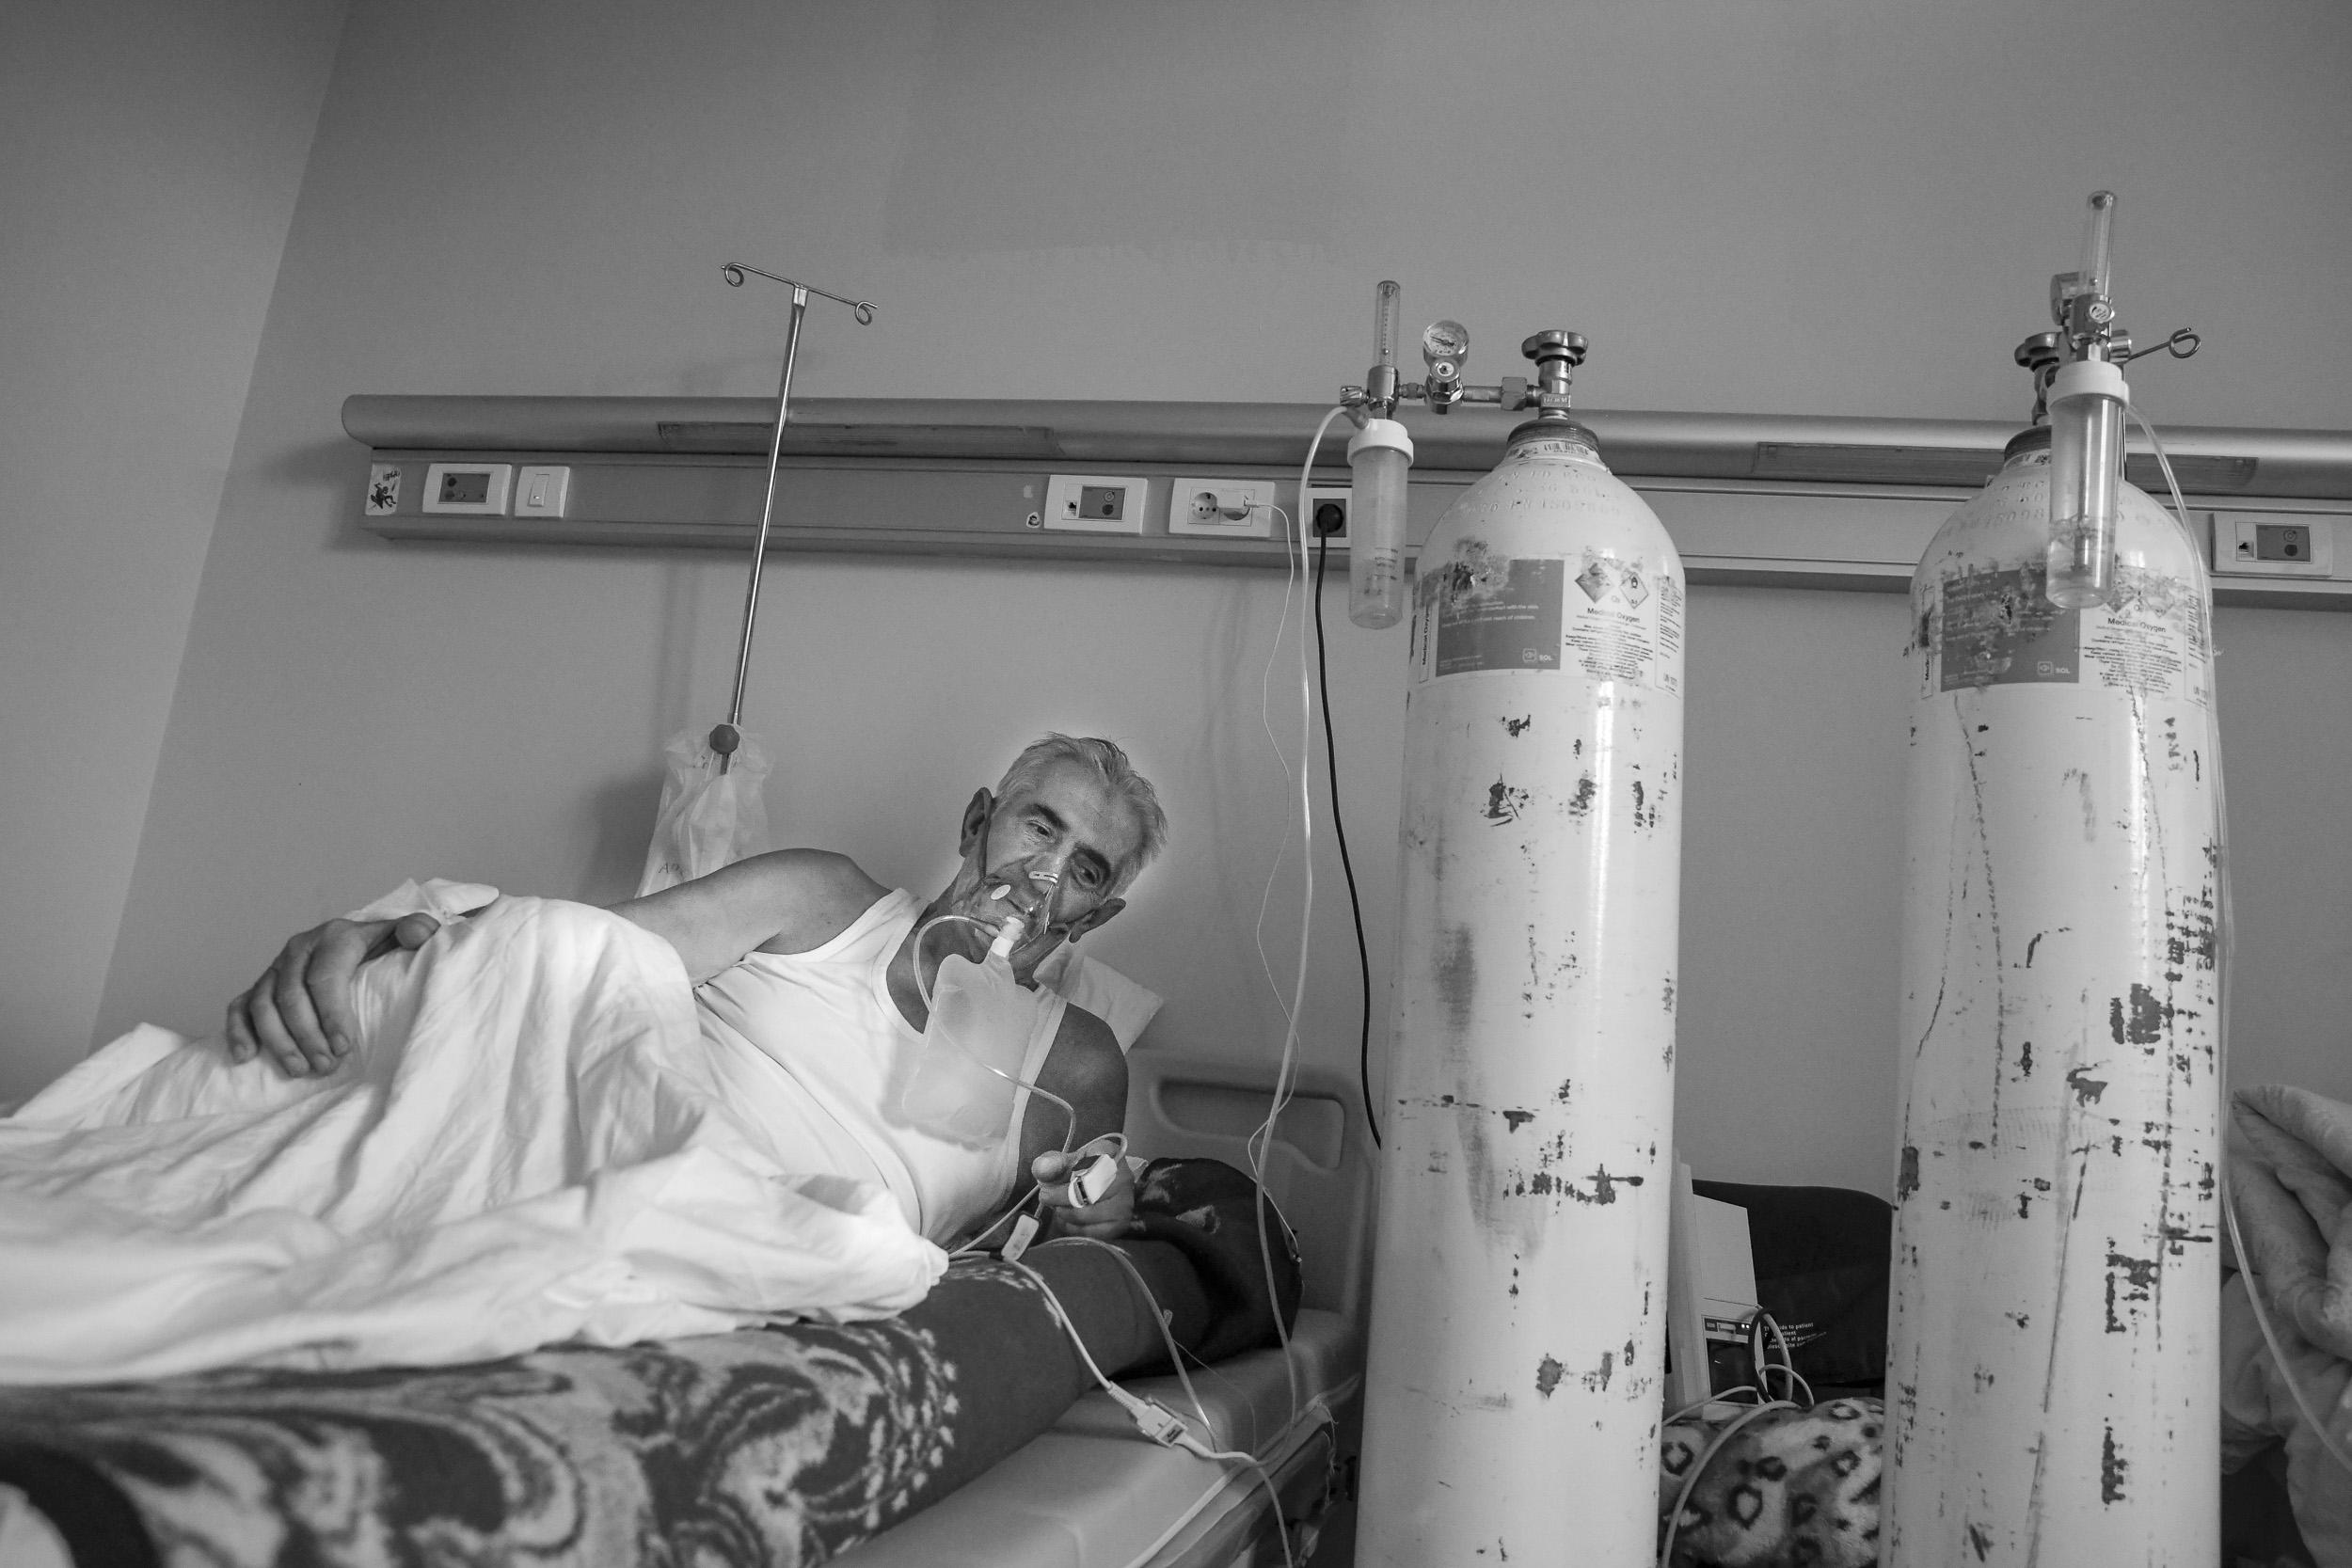 Još uvijek nije pronađen nikakav lijek za COVID-19, ali onima koji imaju poteškoća s disanjem daje se kisik.